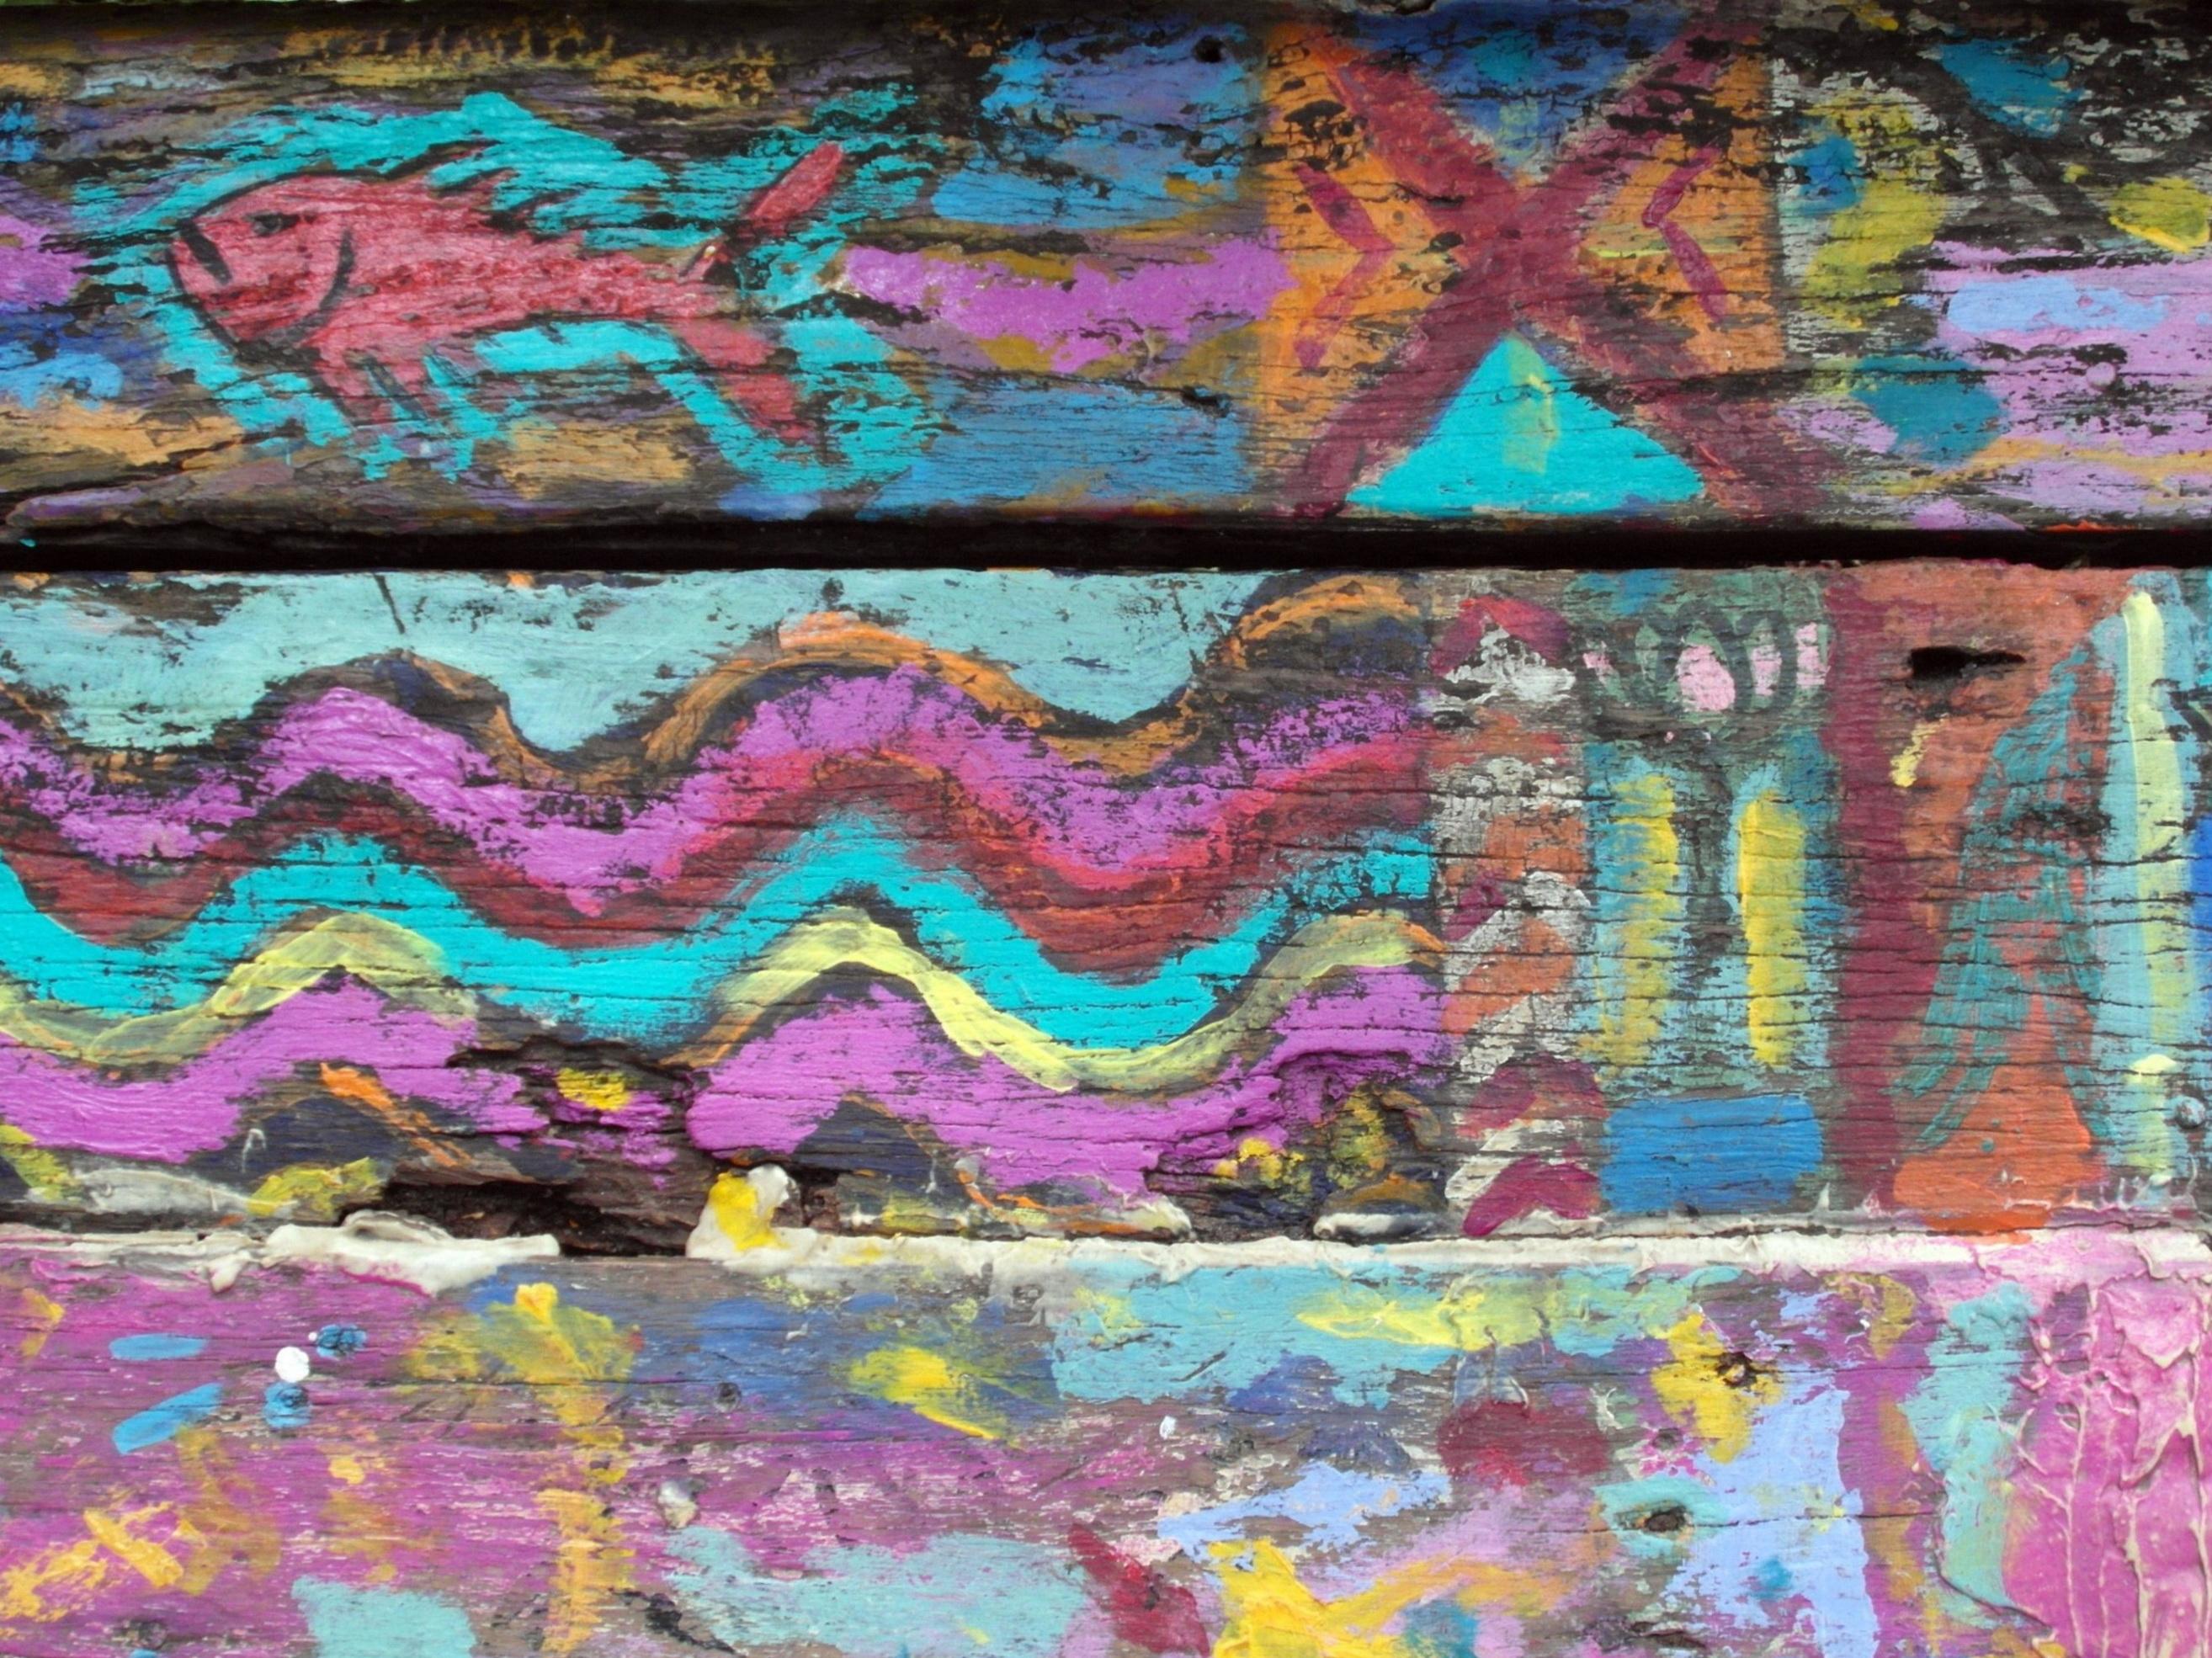 Graffiti art on wooden surface photo